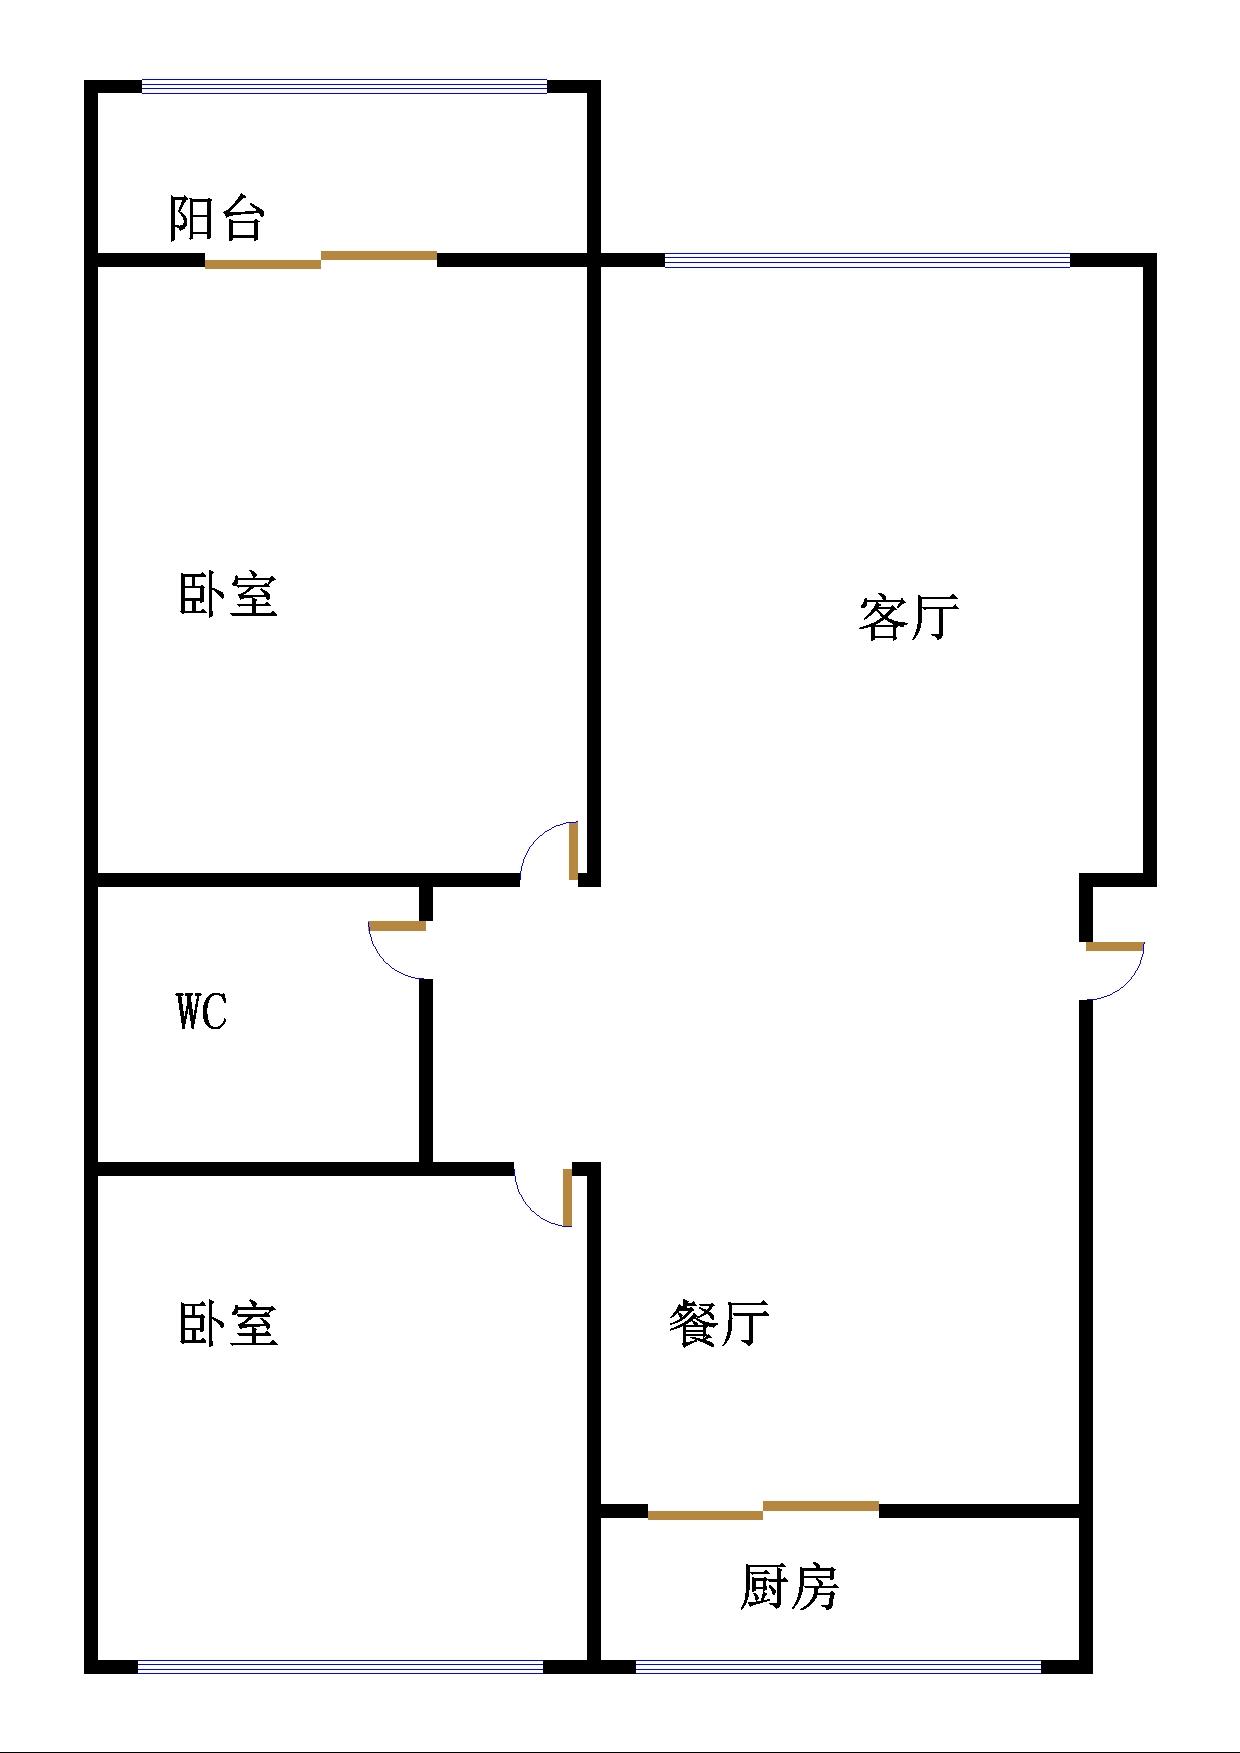 时代花园 2室2厅 双证齐全 简装 68万